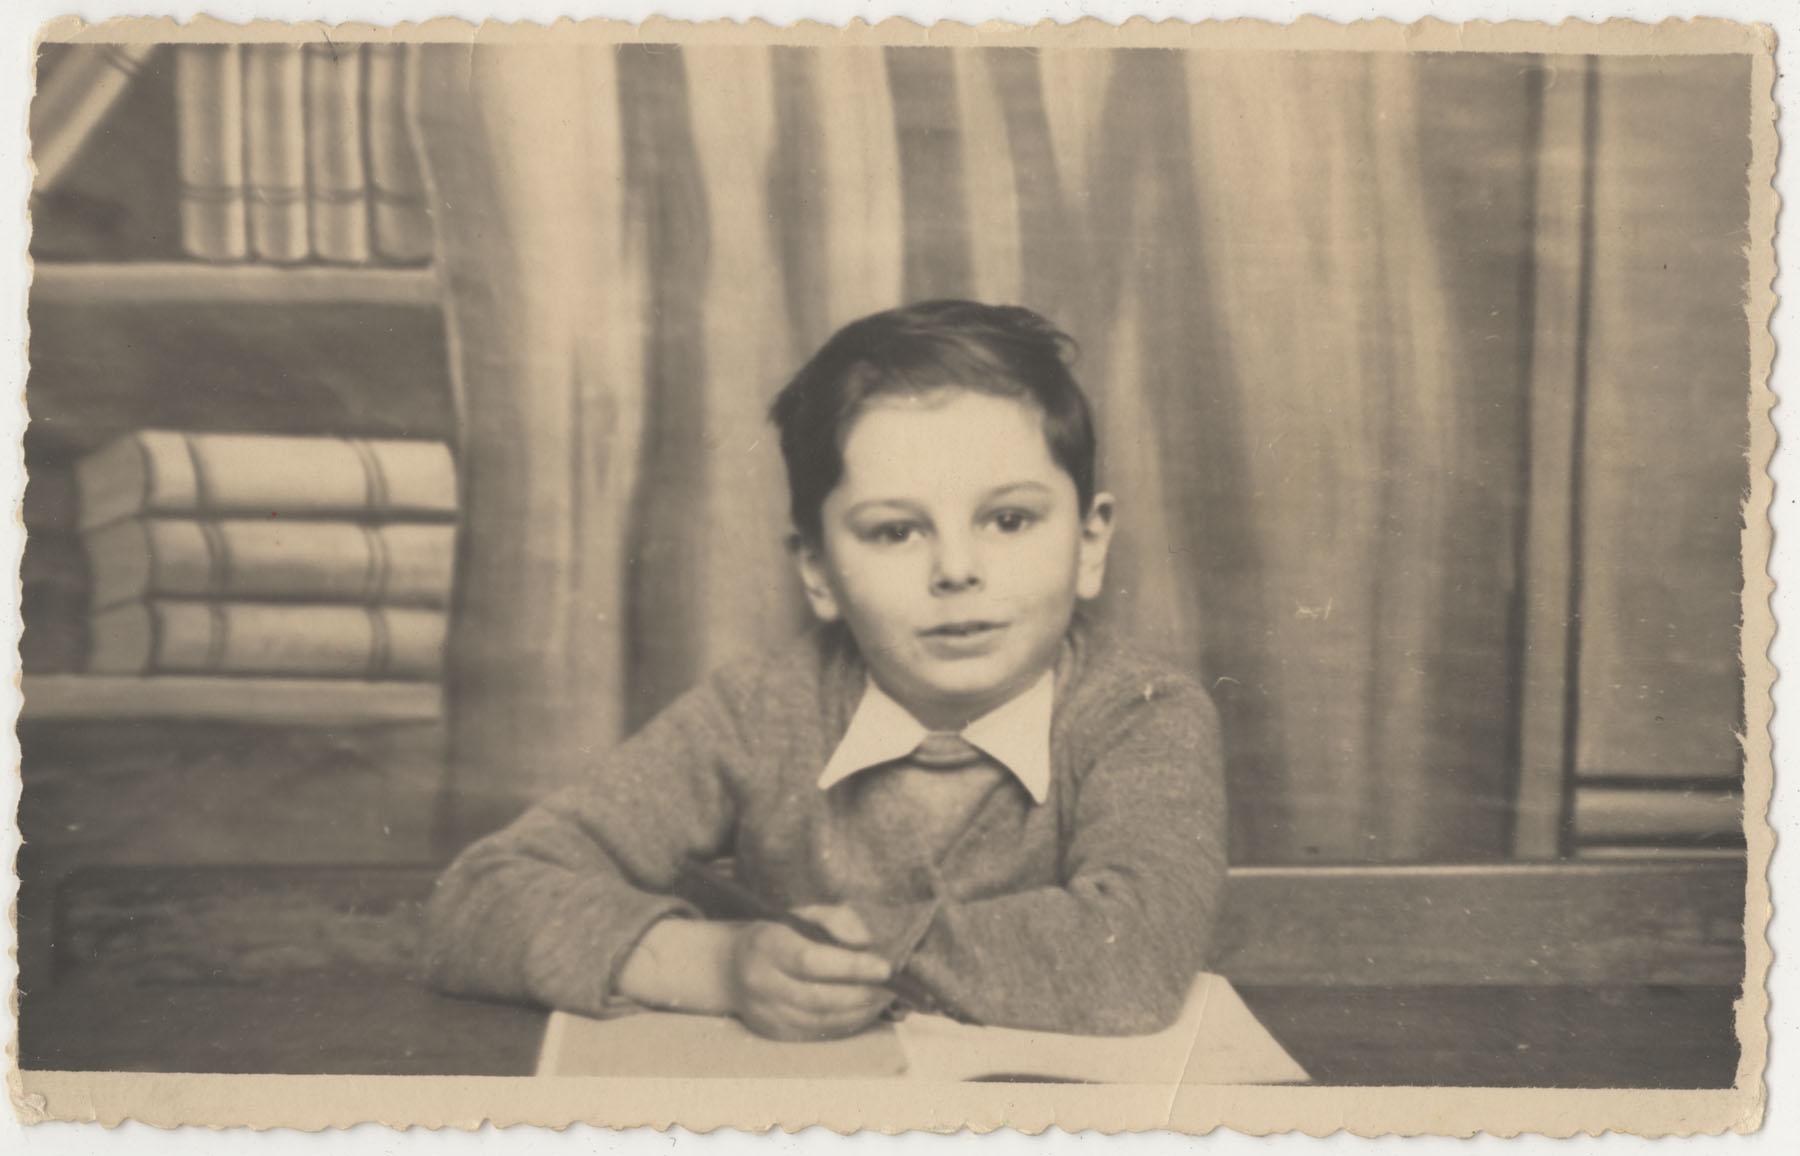 Marcel in first grade at Schaerbeek primary school in Brussels, 1942.